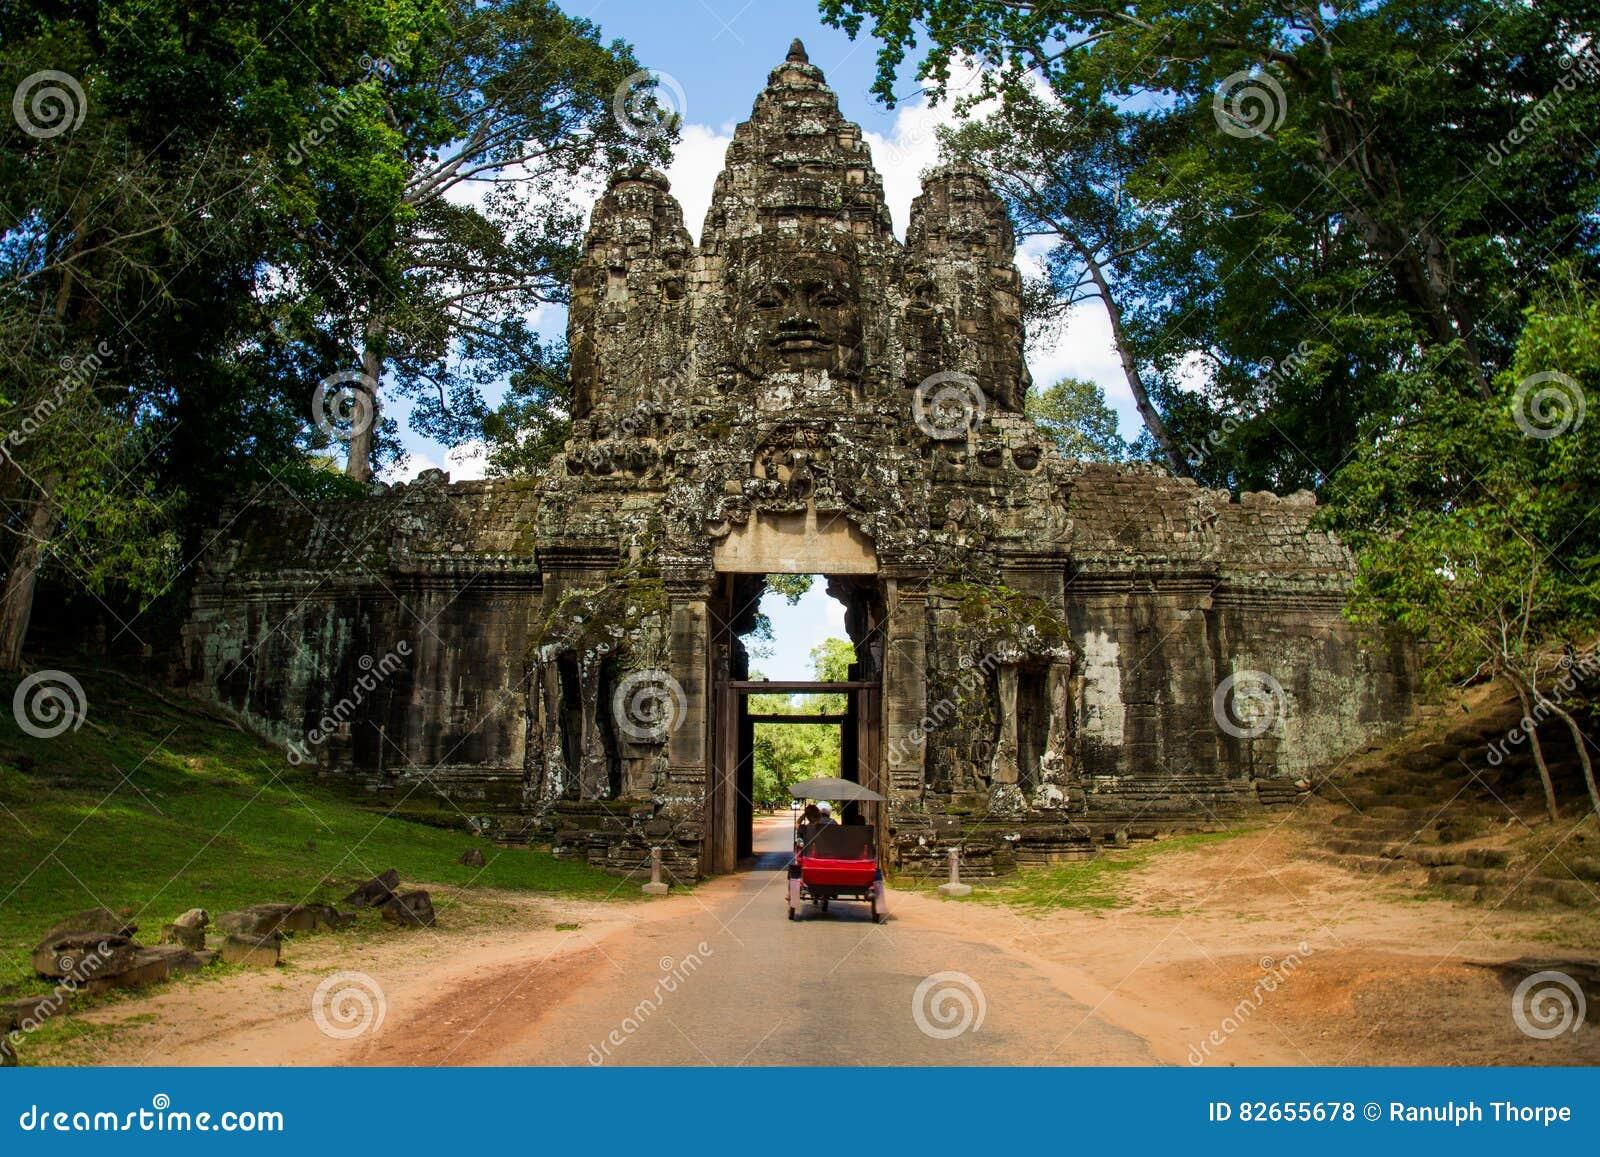 Tempeleingang mit Wand